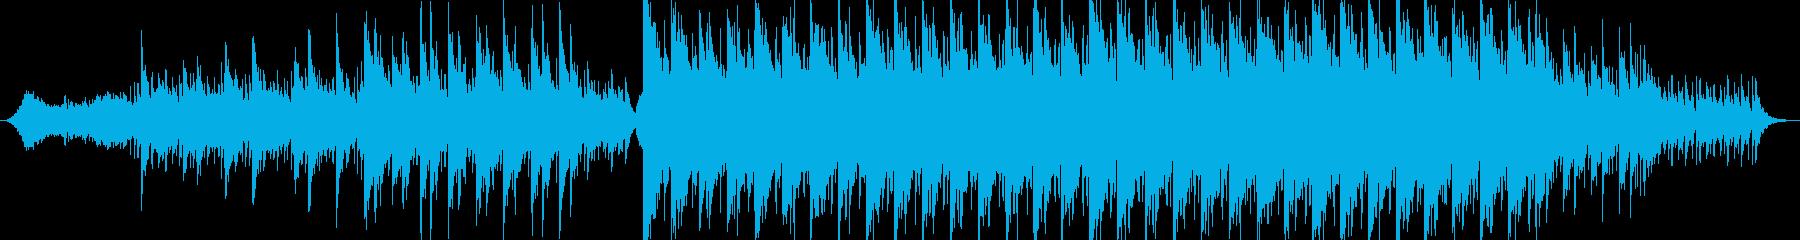 静かに始まり徐々に壮大に盛り上がるBGMの再生済みの波形